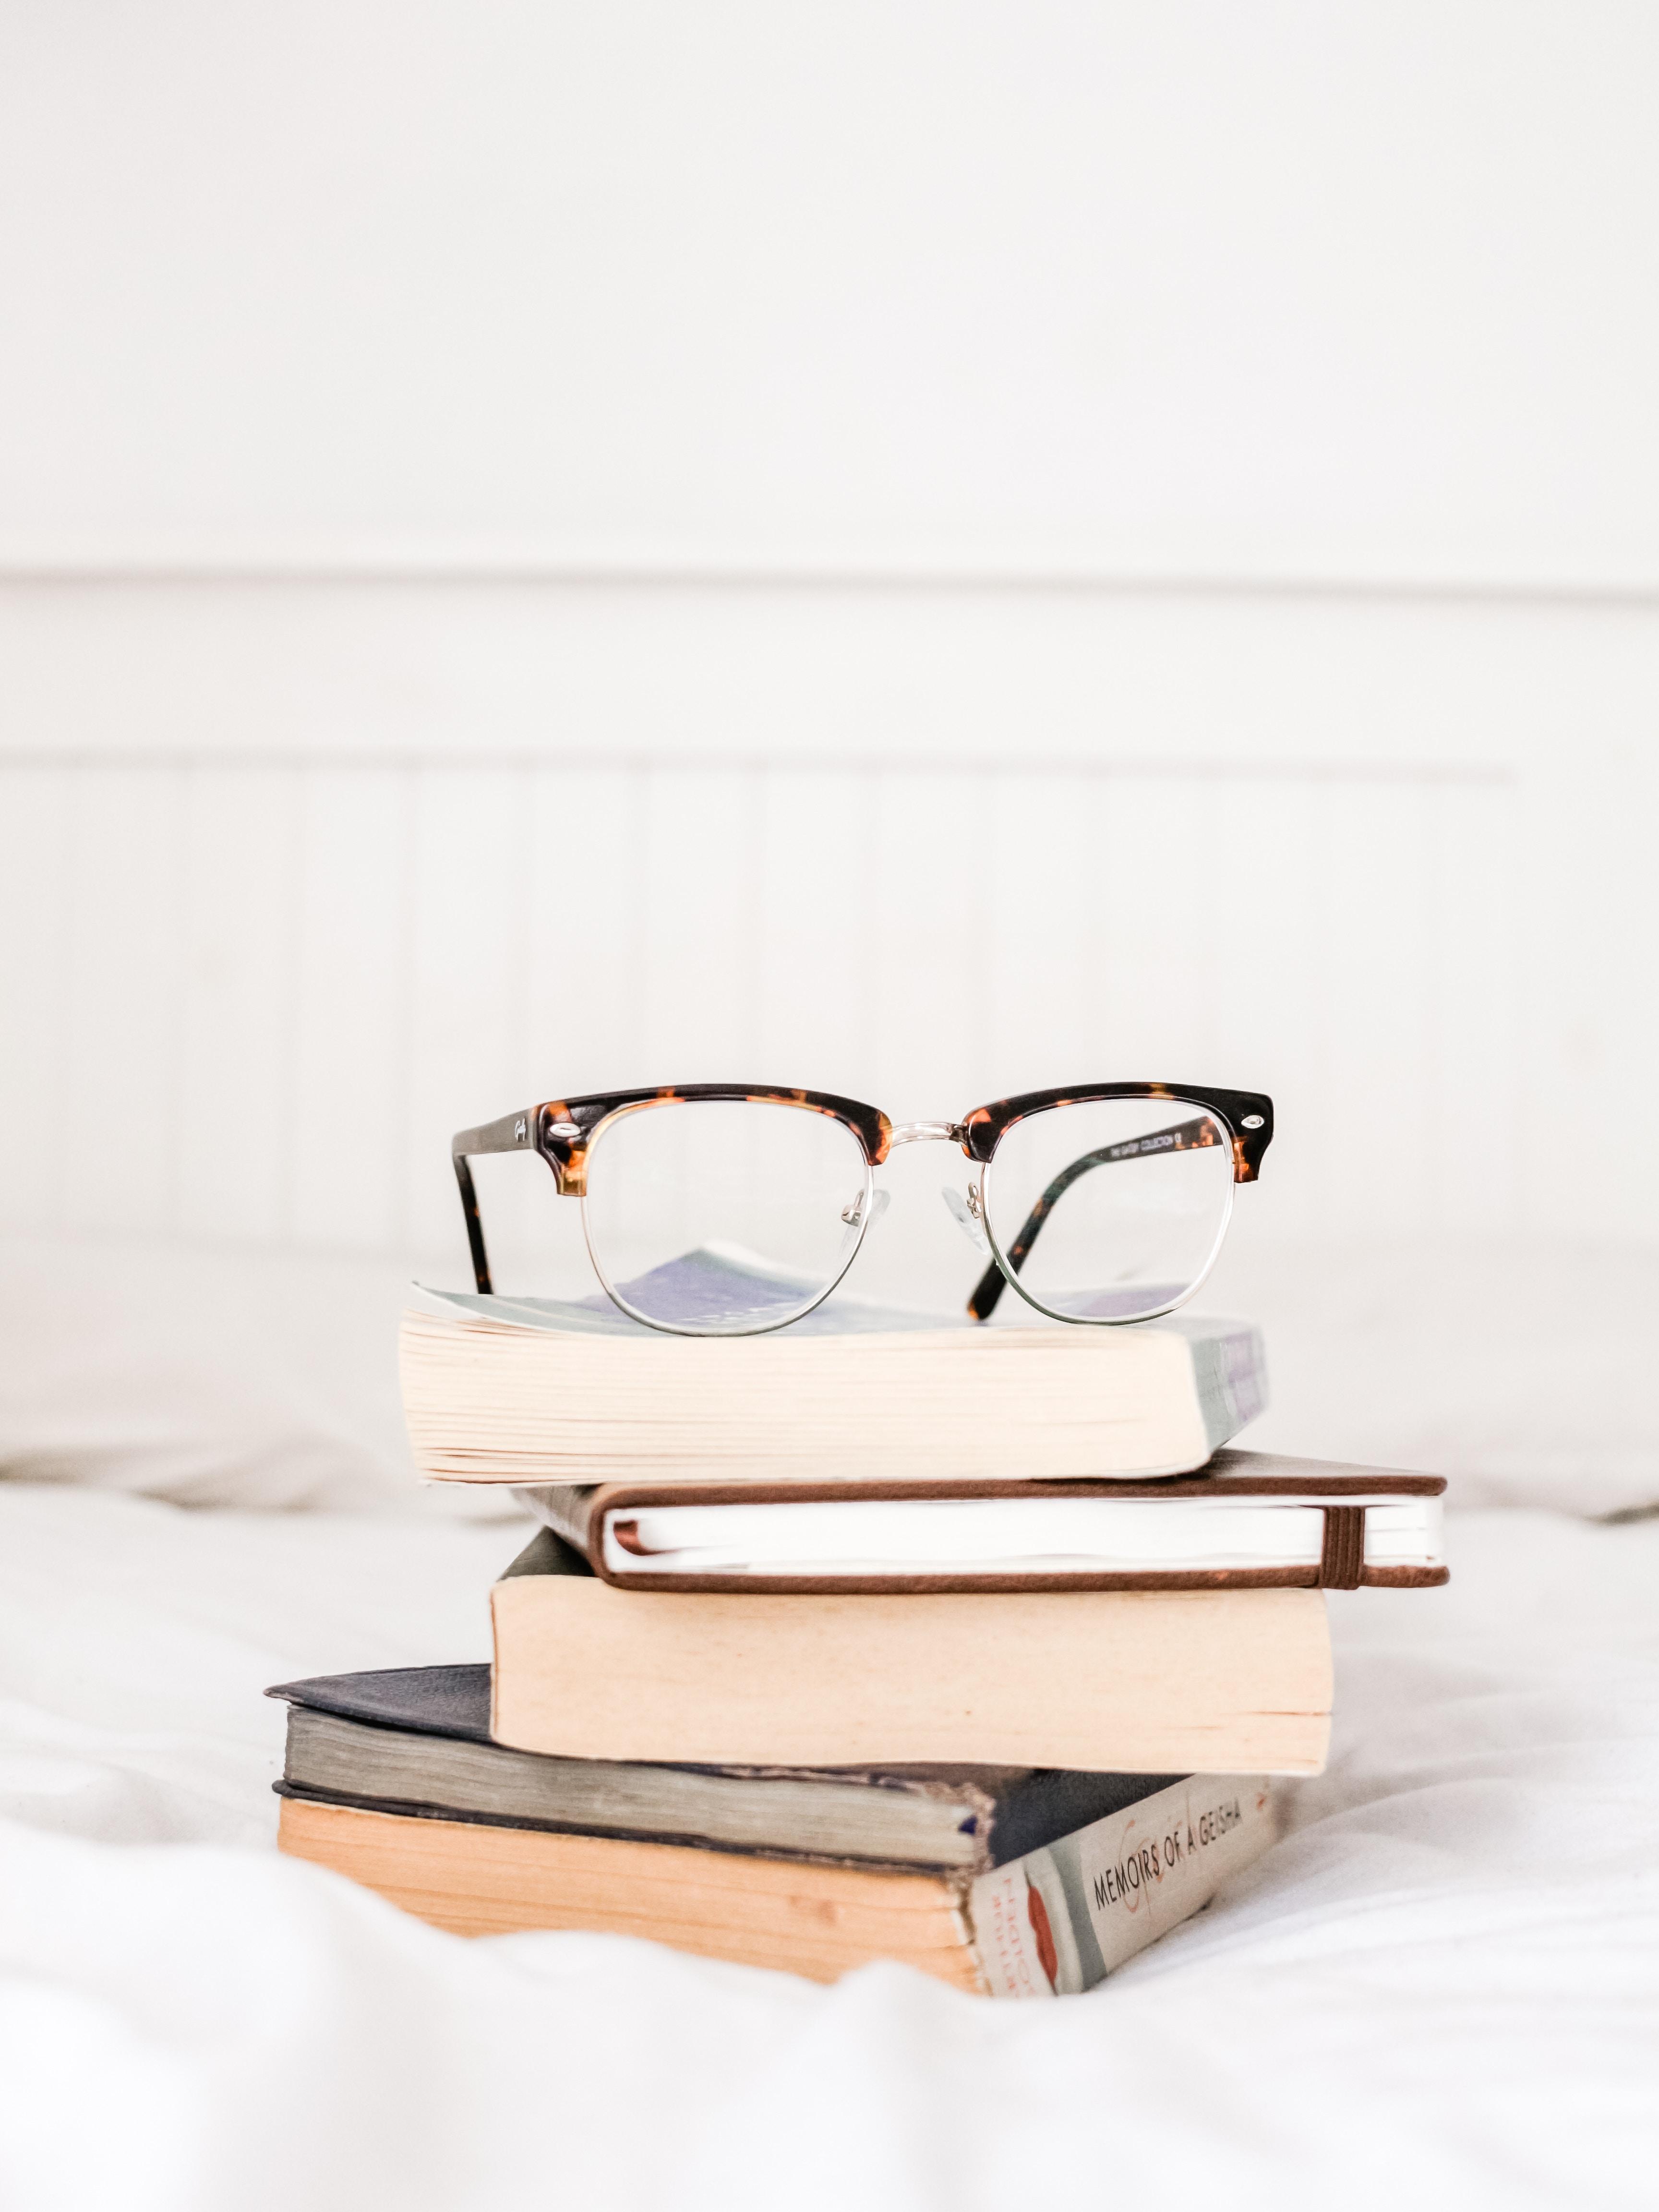 วิธีการเล่นหุ้น หนังสือหุ้นที่ดีที่สุด หนังสือหุ้นแนะนำ หนังสือหุ้น